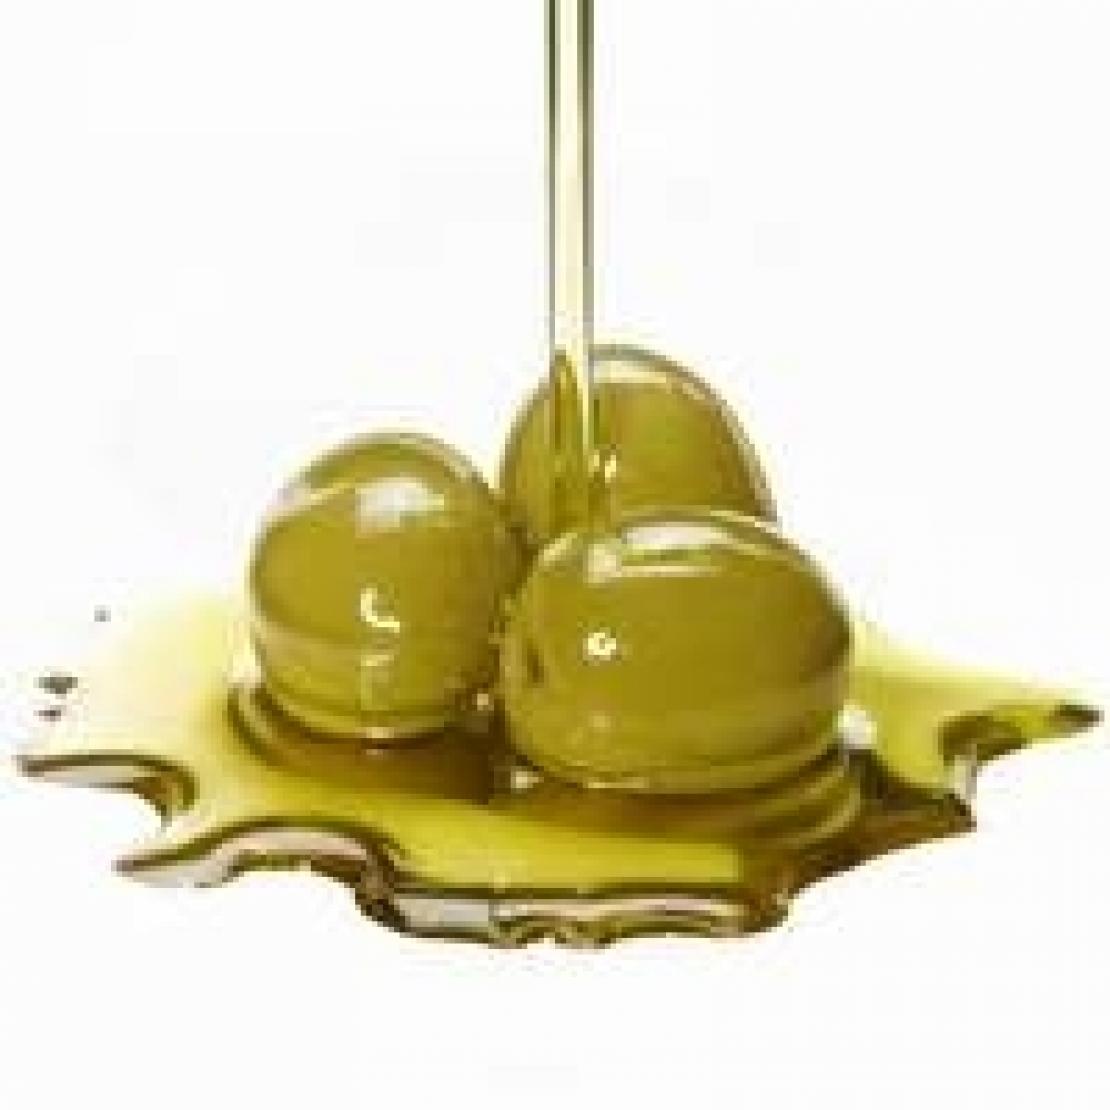 La verità sull'olio d'oliva va cercata, anche negli Stati Uniti